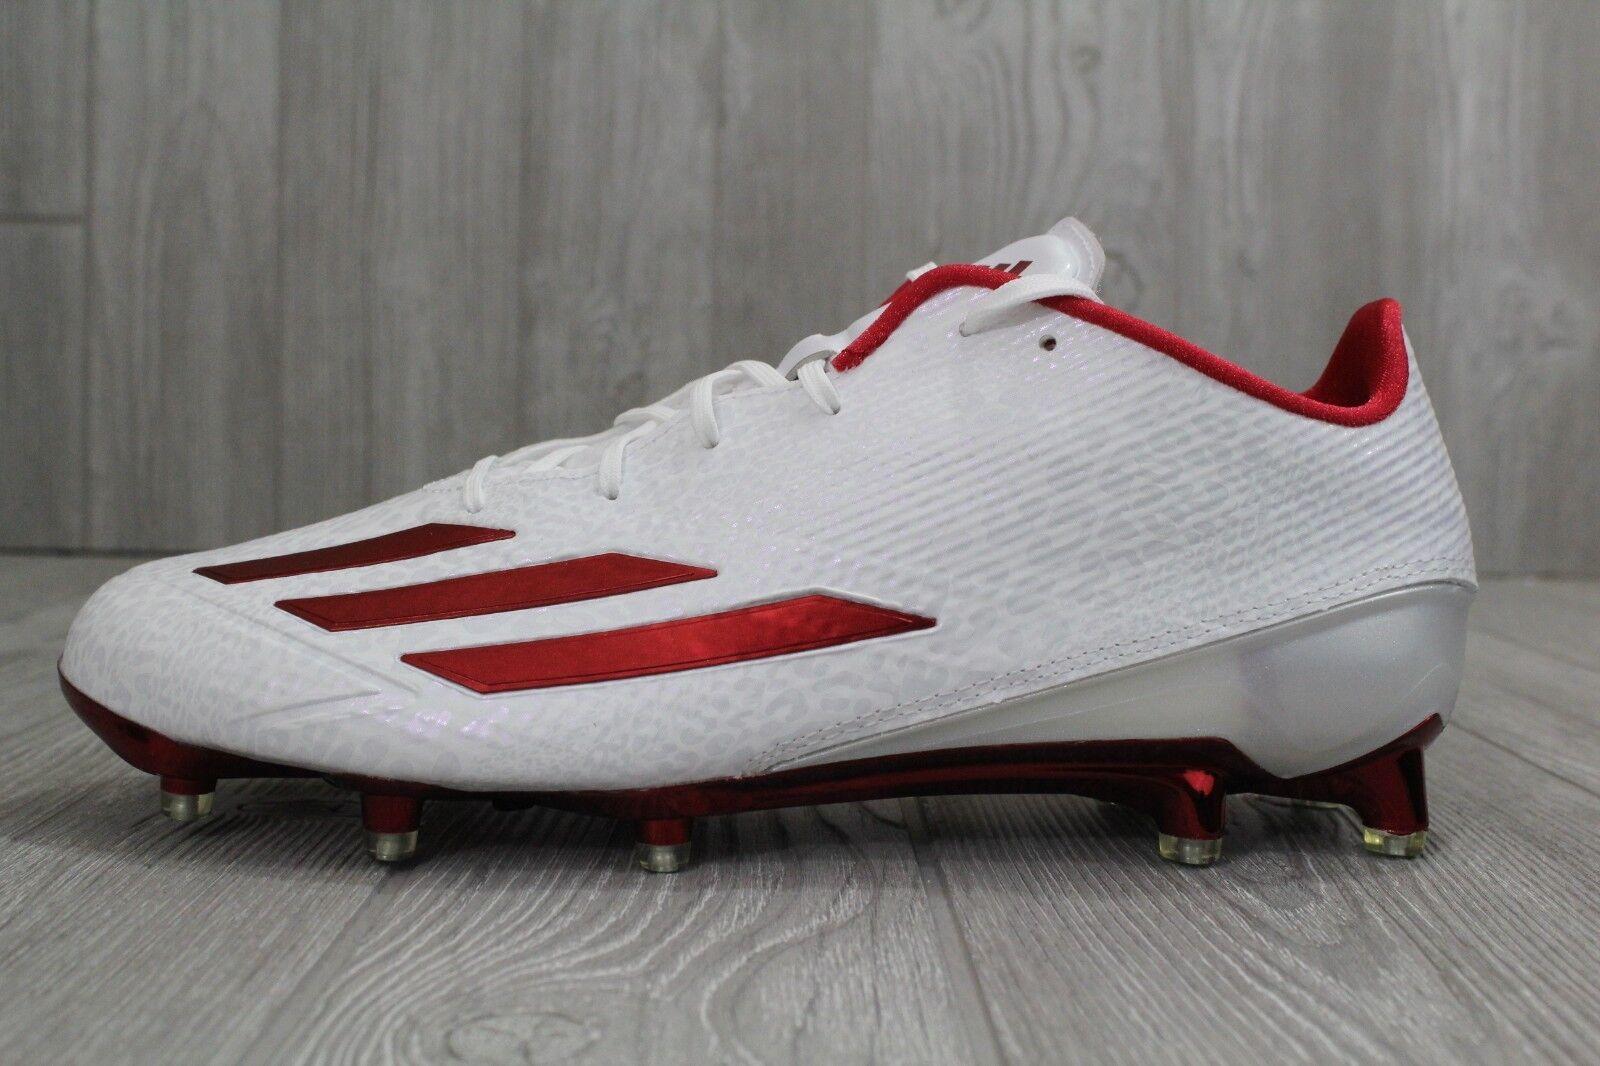 30 nuove adidas adizero 5 star 5,0 football scarpette rosso aq7382 - bianco - uomini aq7382 rosso sz 11,5 cdb85a